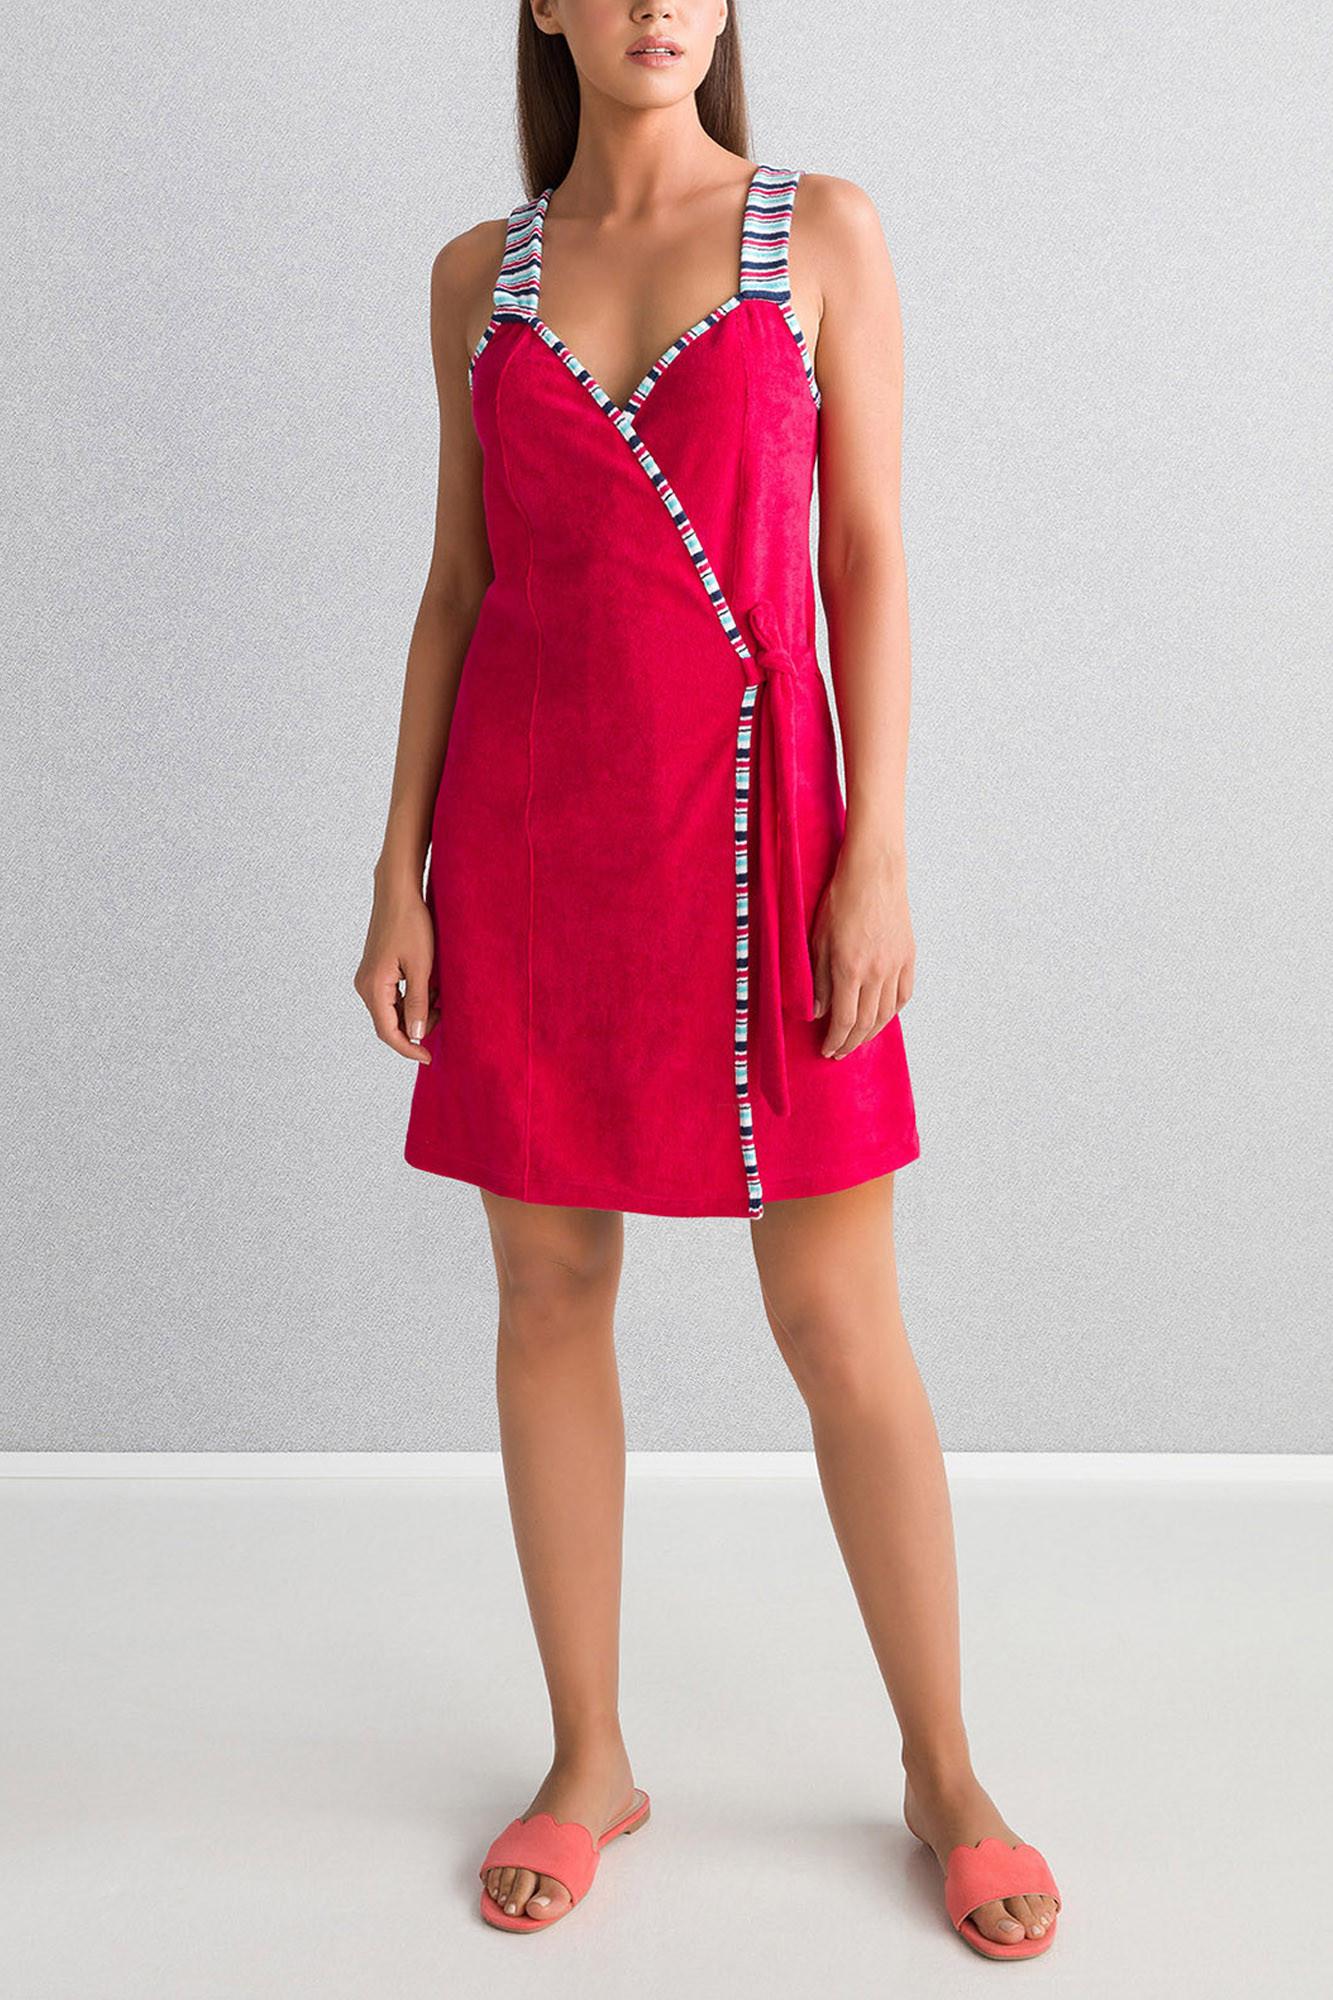 Plážové šaty 6107 - Vamp malinová L